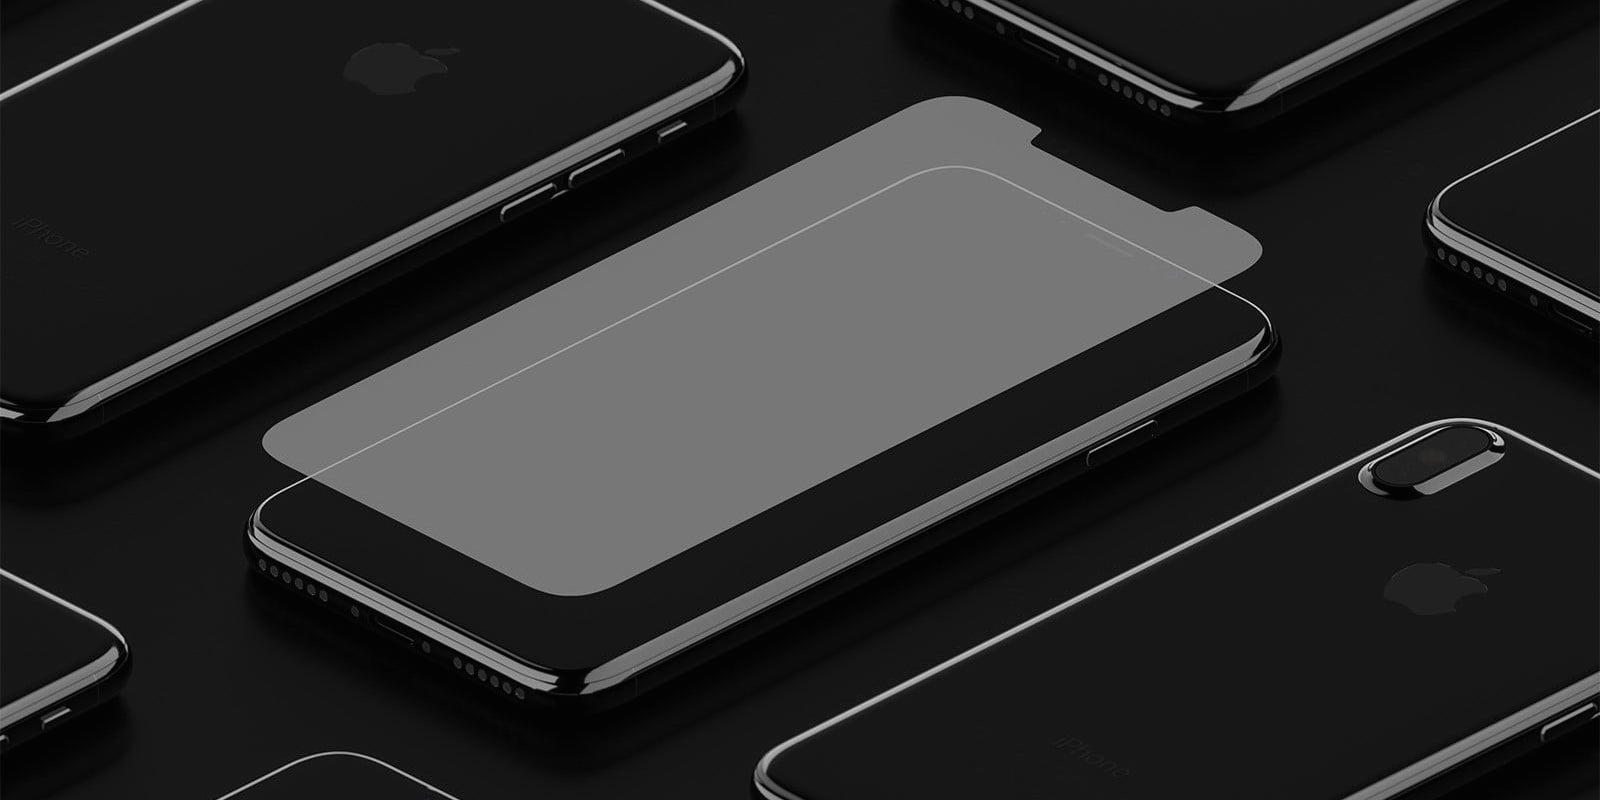 Chránič obrazovky Holoscreen umožňuje sledovat na telefonu 3D filmy